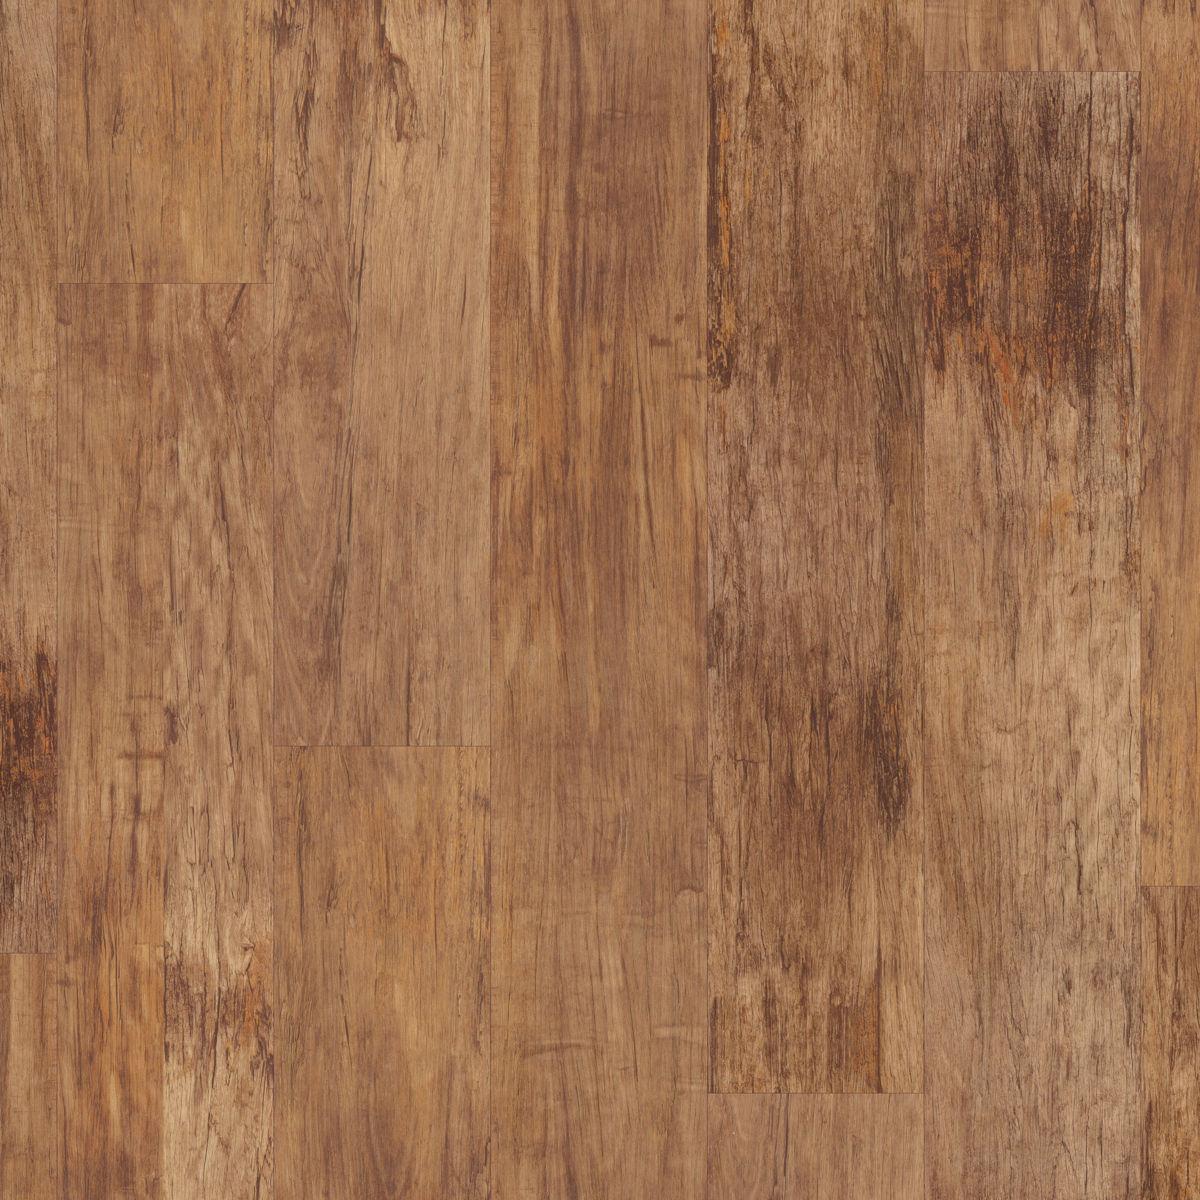 Karndean Van Gogh Burnt Ginger Vg5 7 Vinyl Flooring